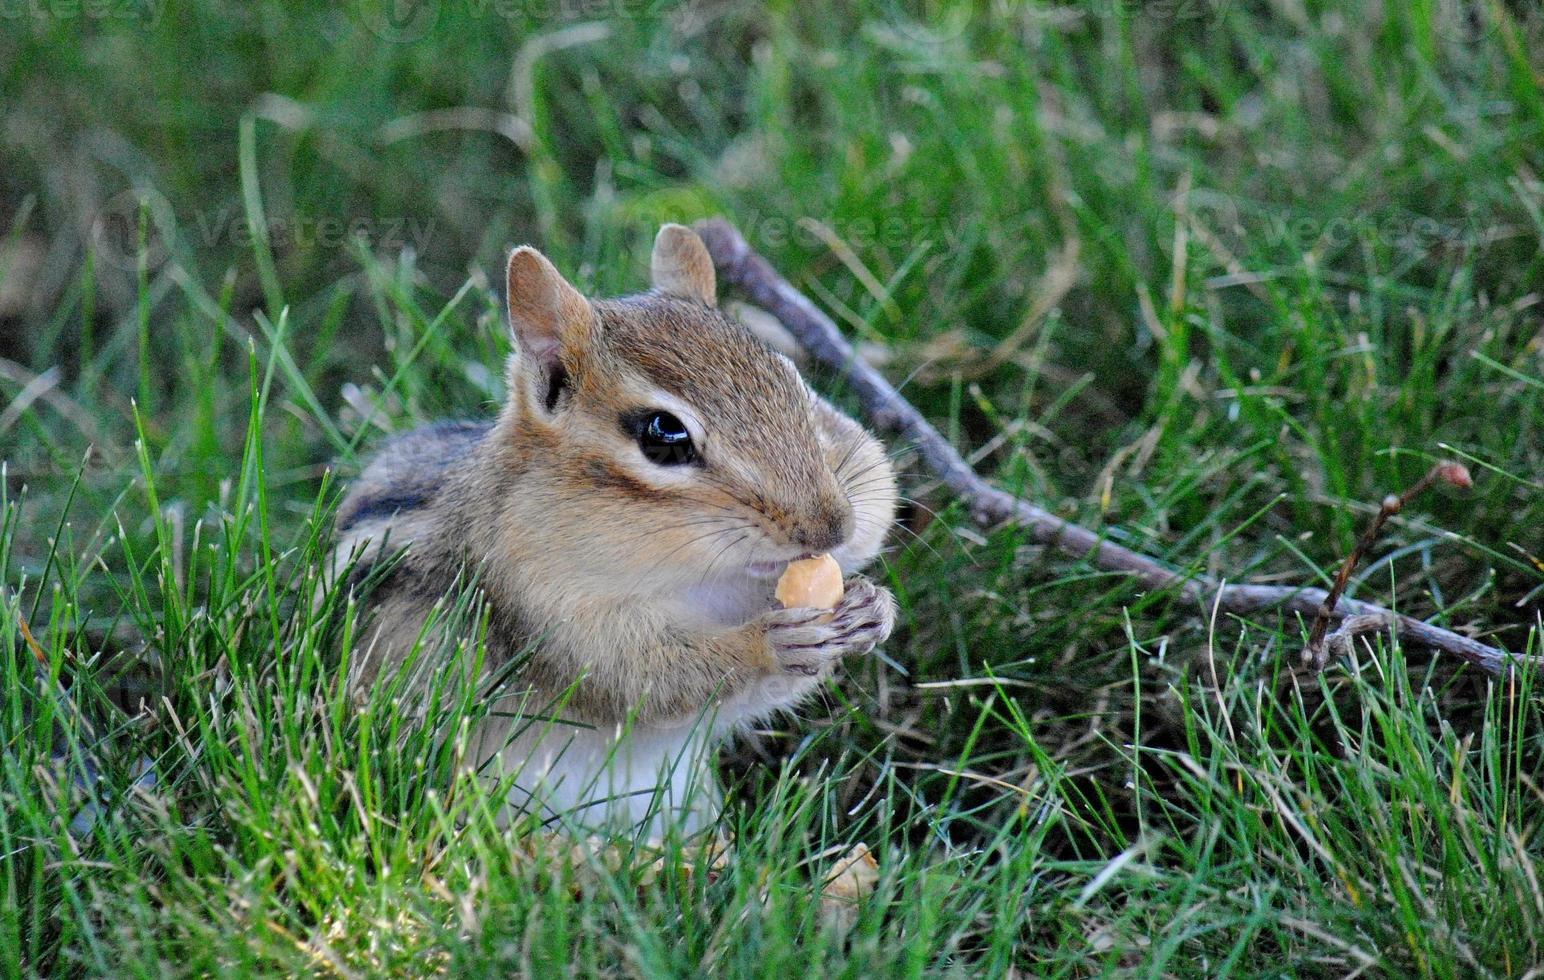 tillfredsställelse - chipmunk utfodring foto